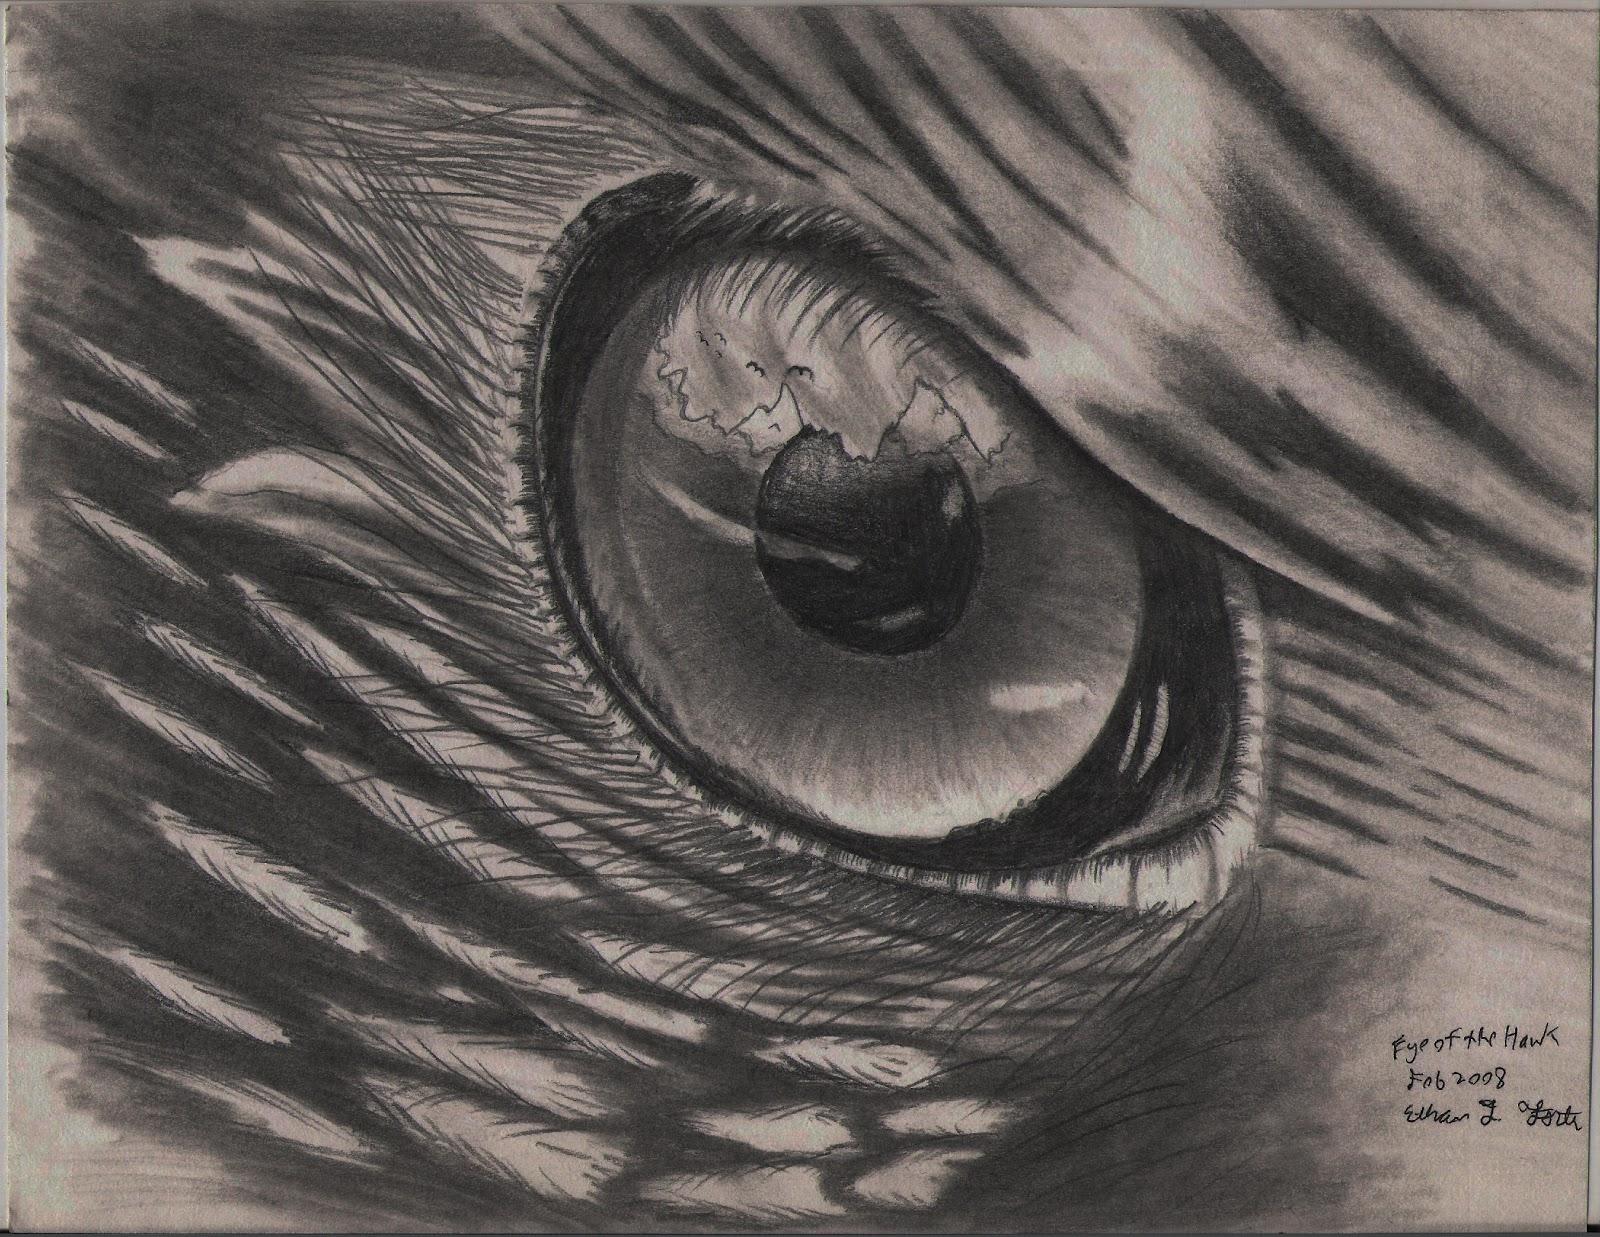 Drawn hawk hawk eye Pencil Hawk Pencil Pencil H